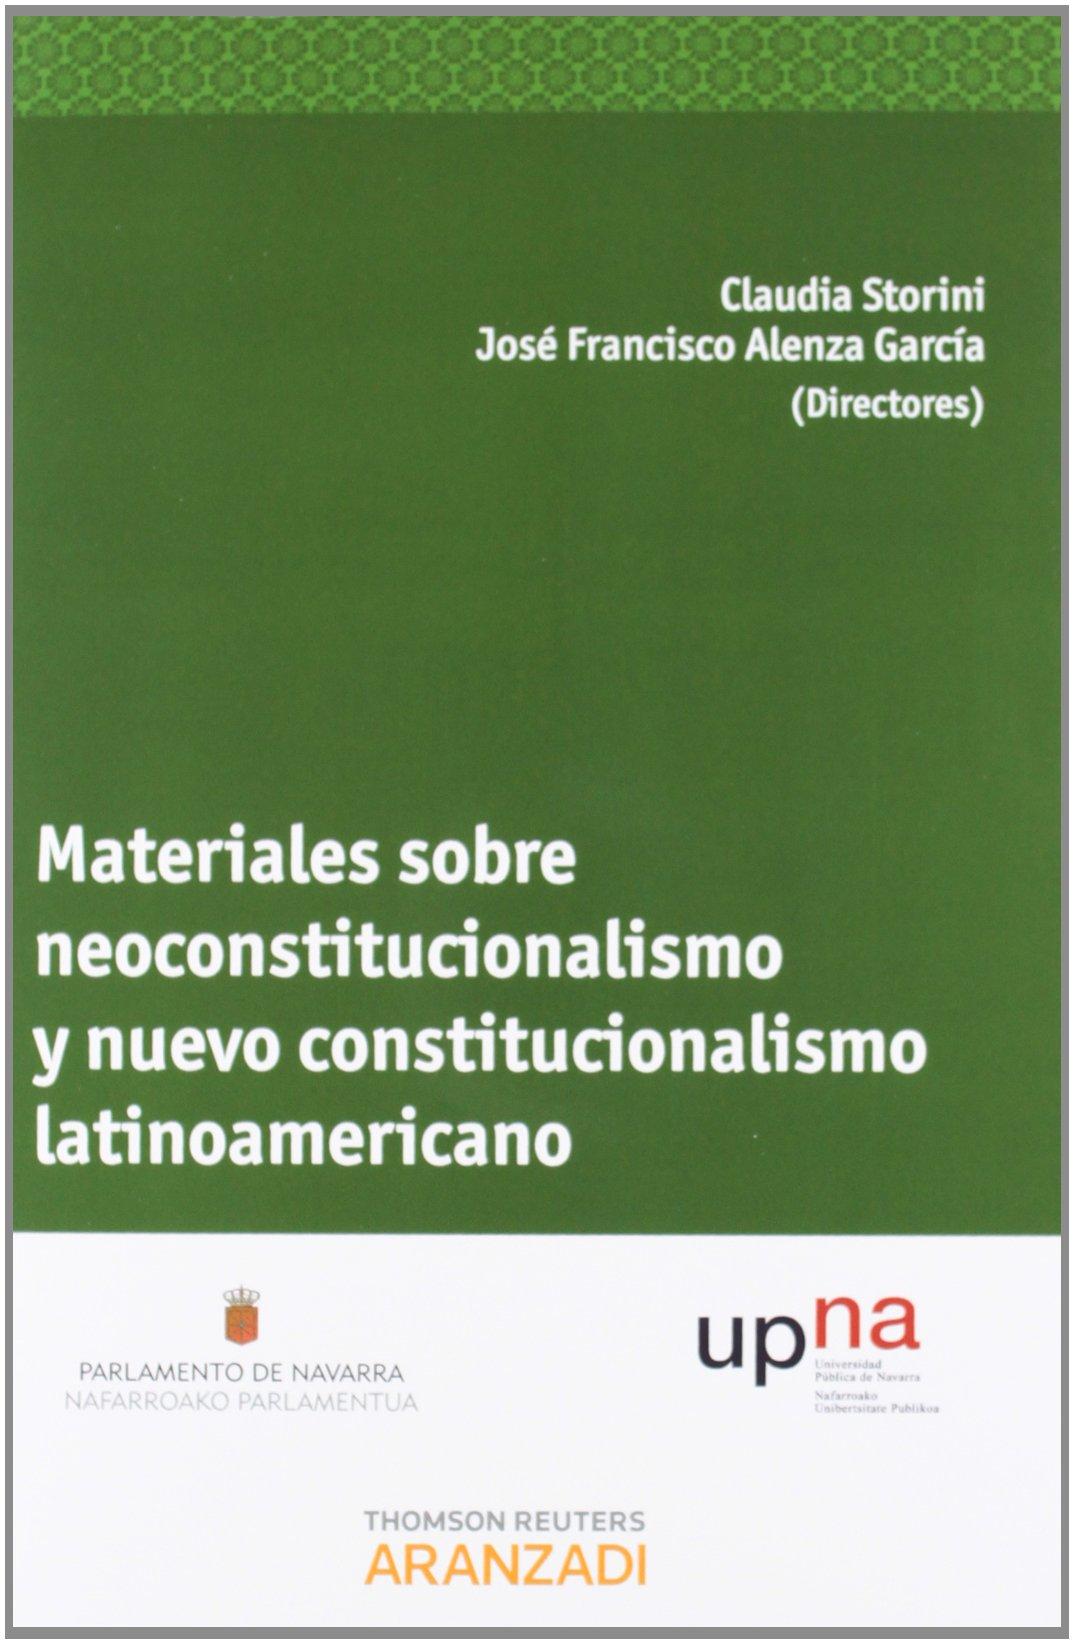 Las Políticas de tierras en el nuevo constitucionalismo latinoamericano